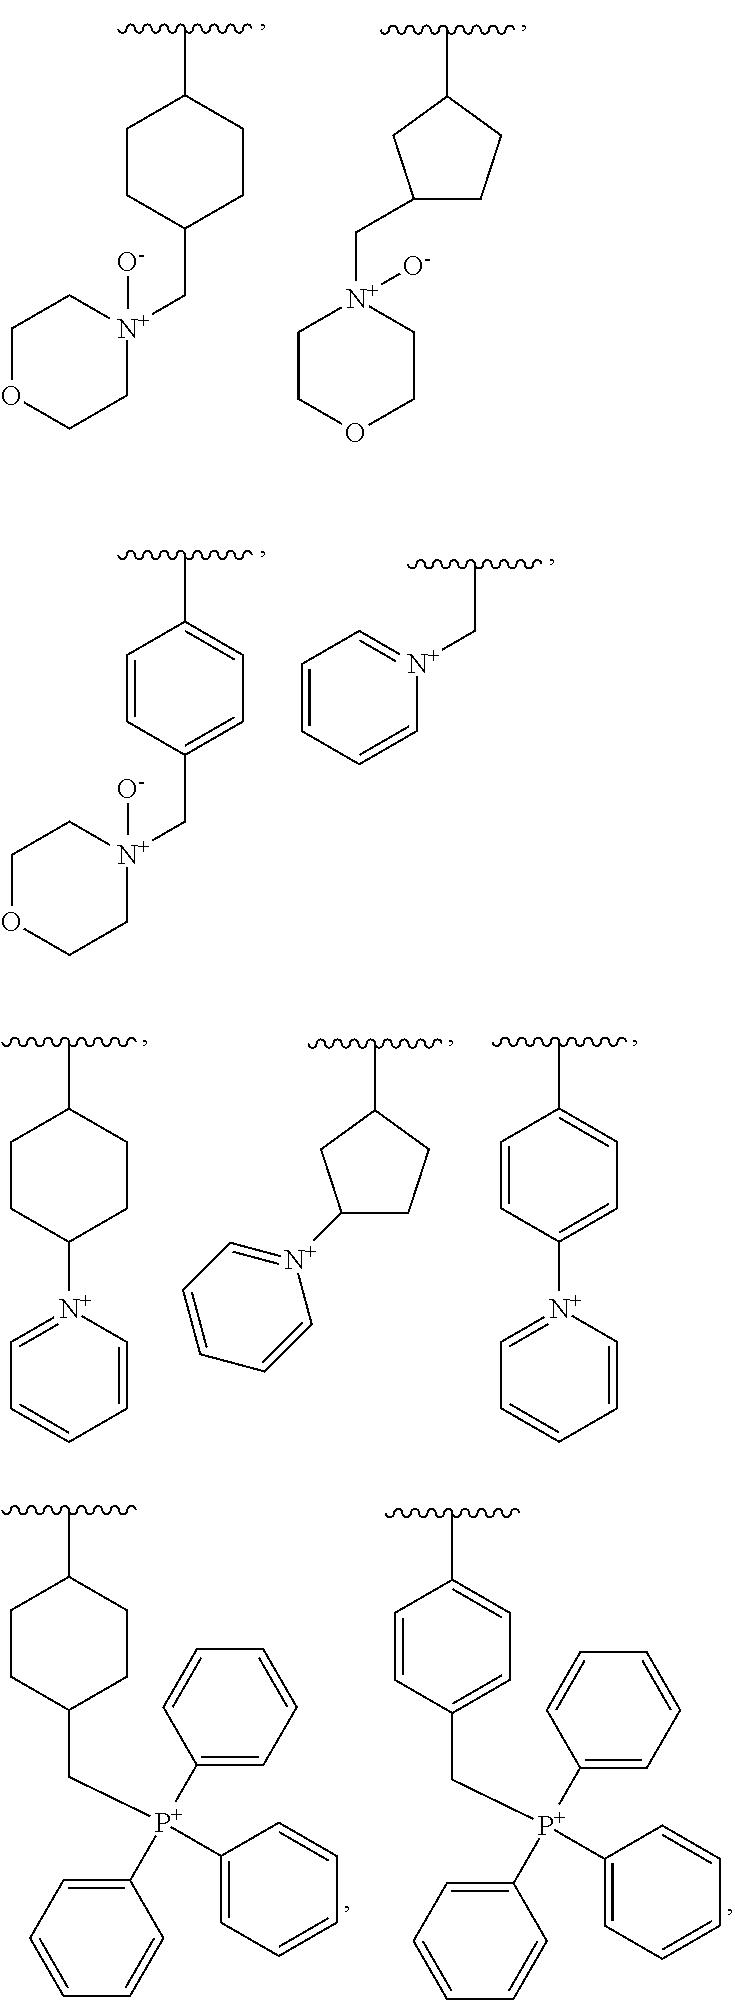 Figure US08476388-20130702-C00023